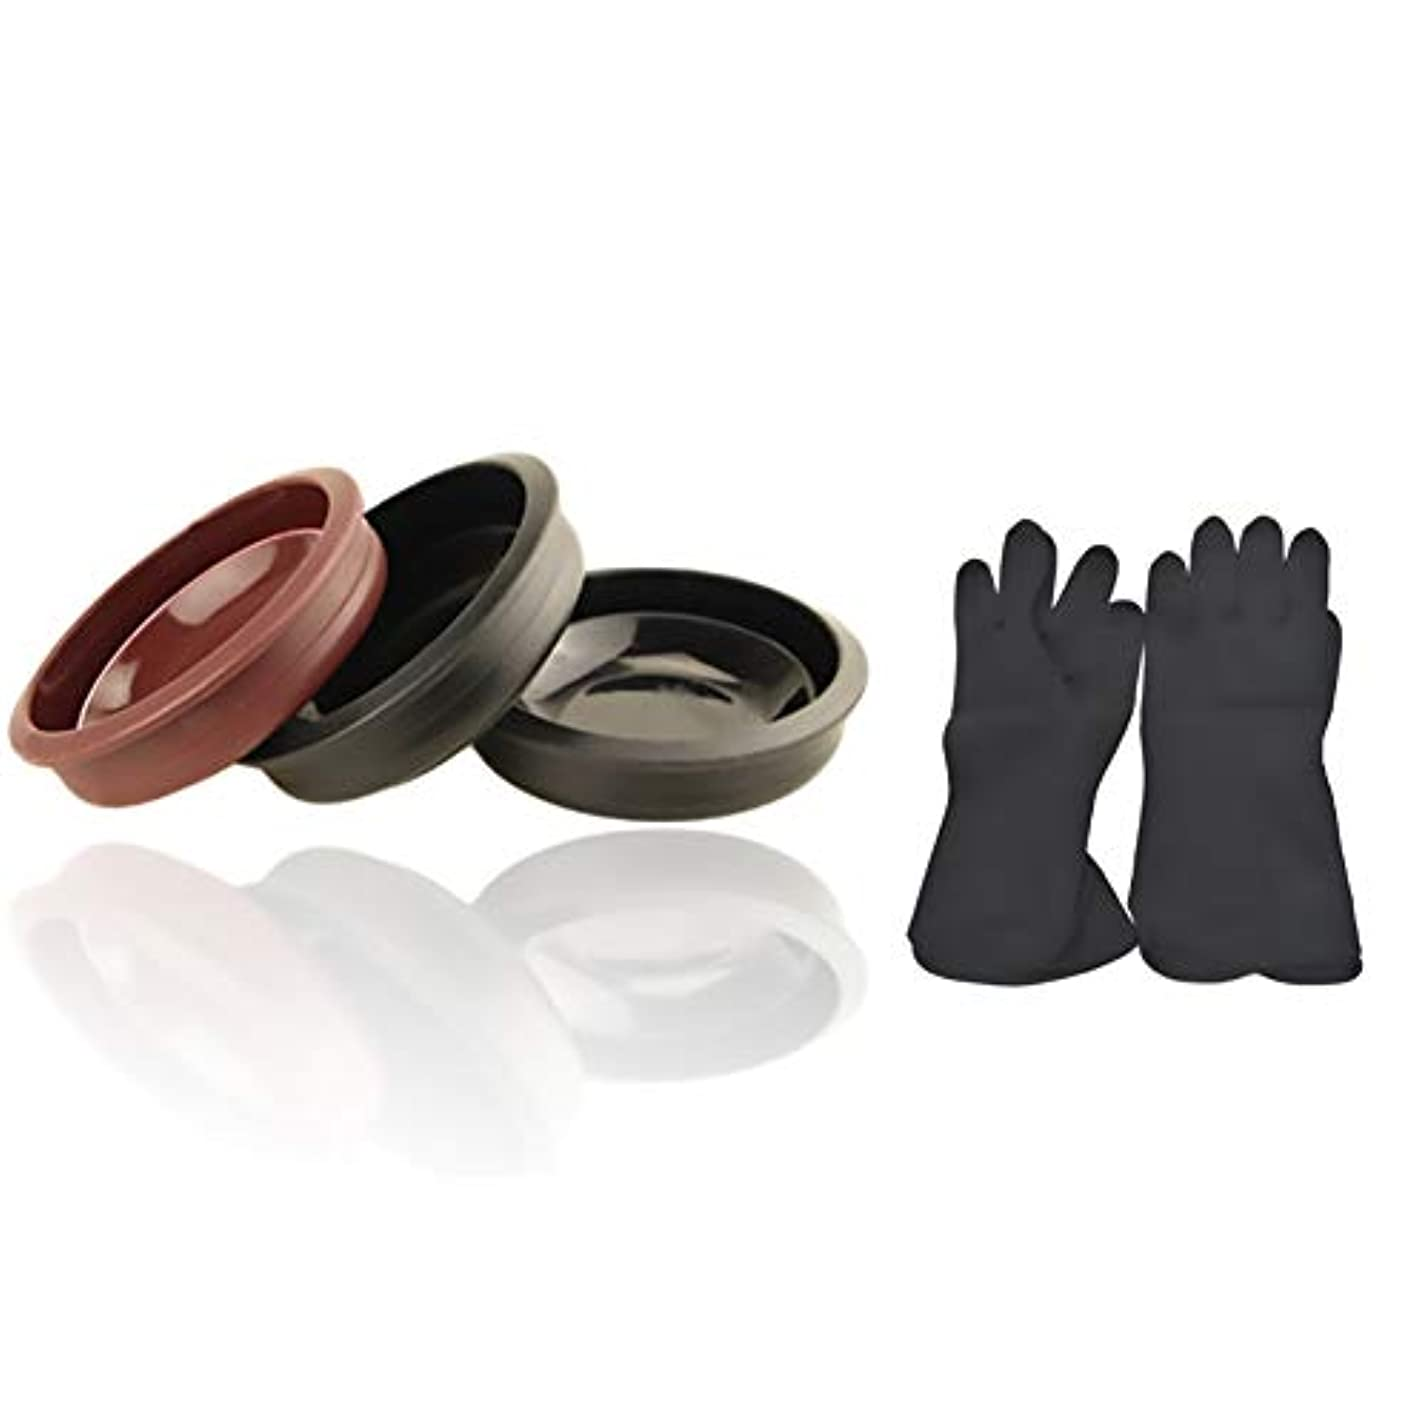 修理可能地下室連隊Tofover 3ピースヘアカラーミキシングボウルと20カウントヘアダイ手袋、黒の再利用可能なゴム手袋、ヘアサロンヘア染色のためのプロのヘアカラーツールキット